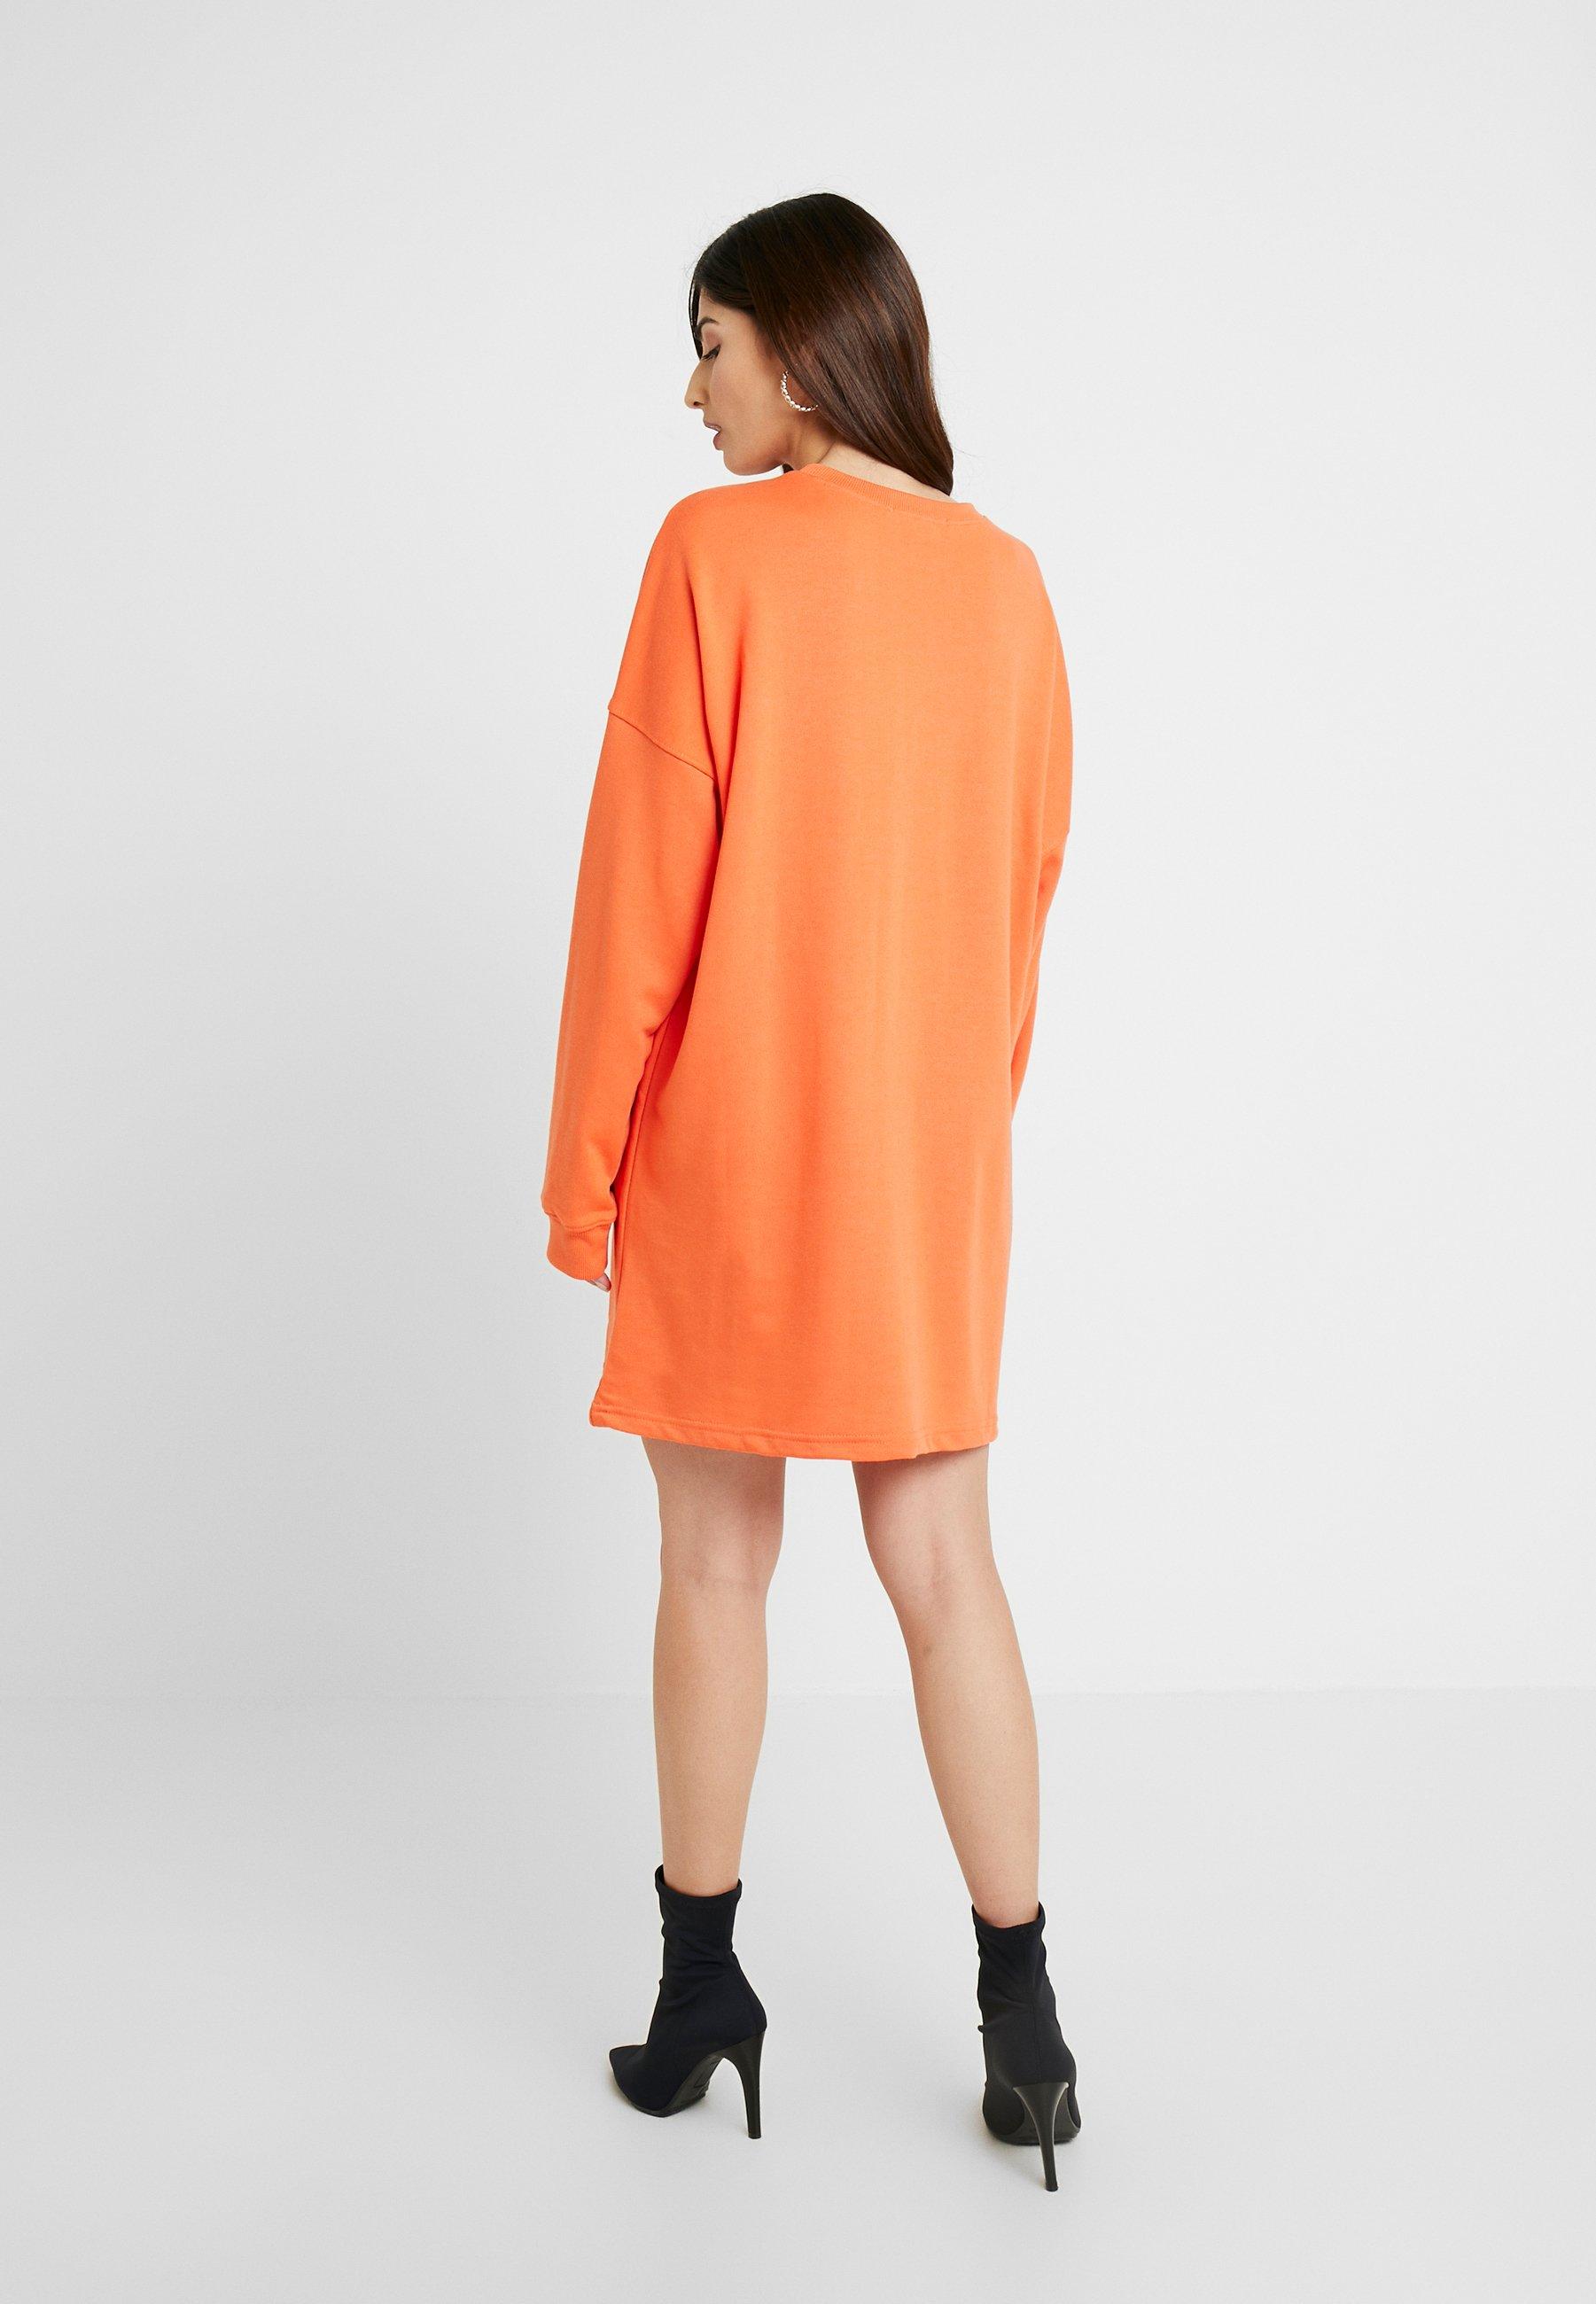 Petite D'été DressRobe Orange Oversized Sweater Missguided USGzVqpM